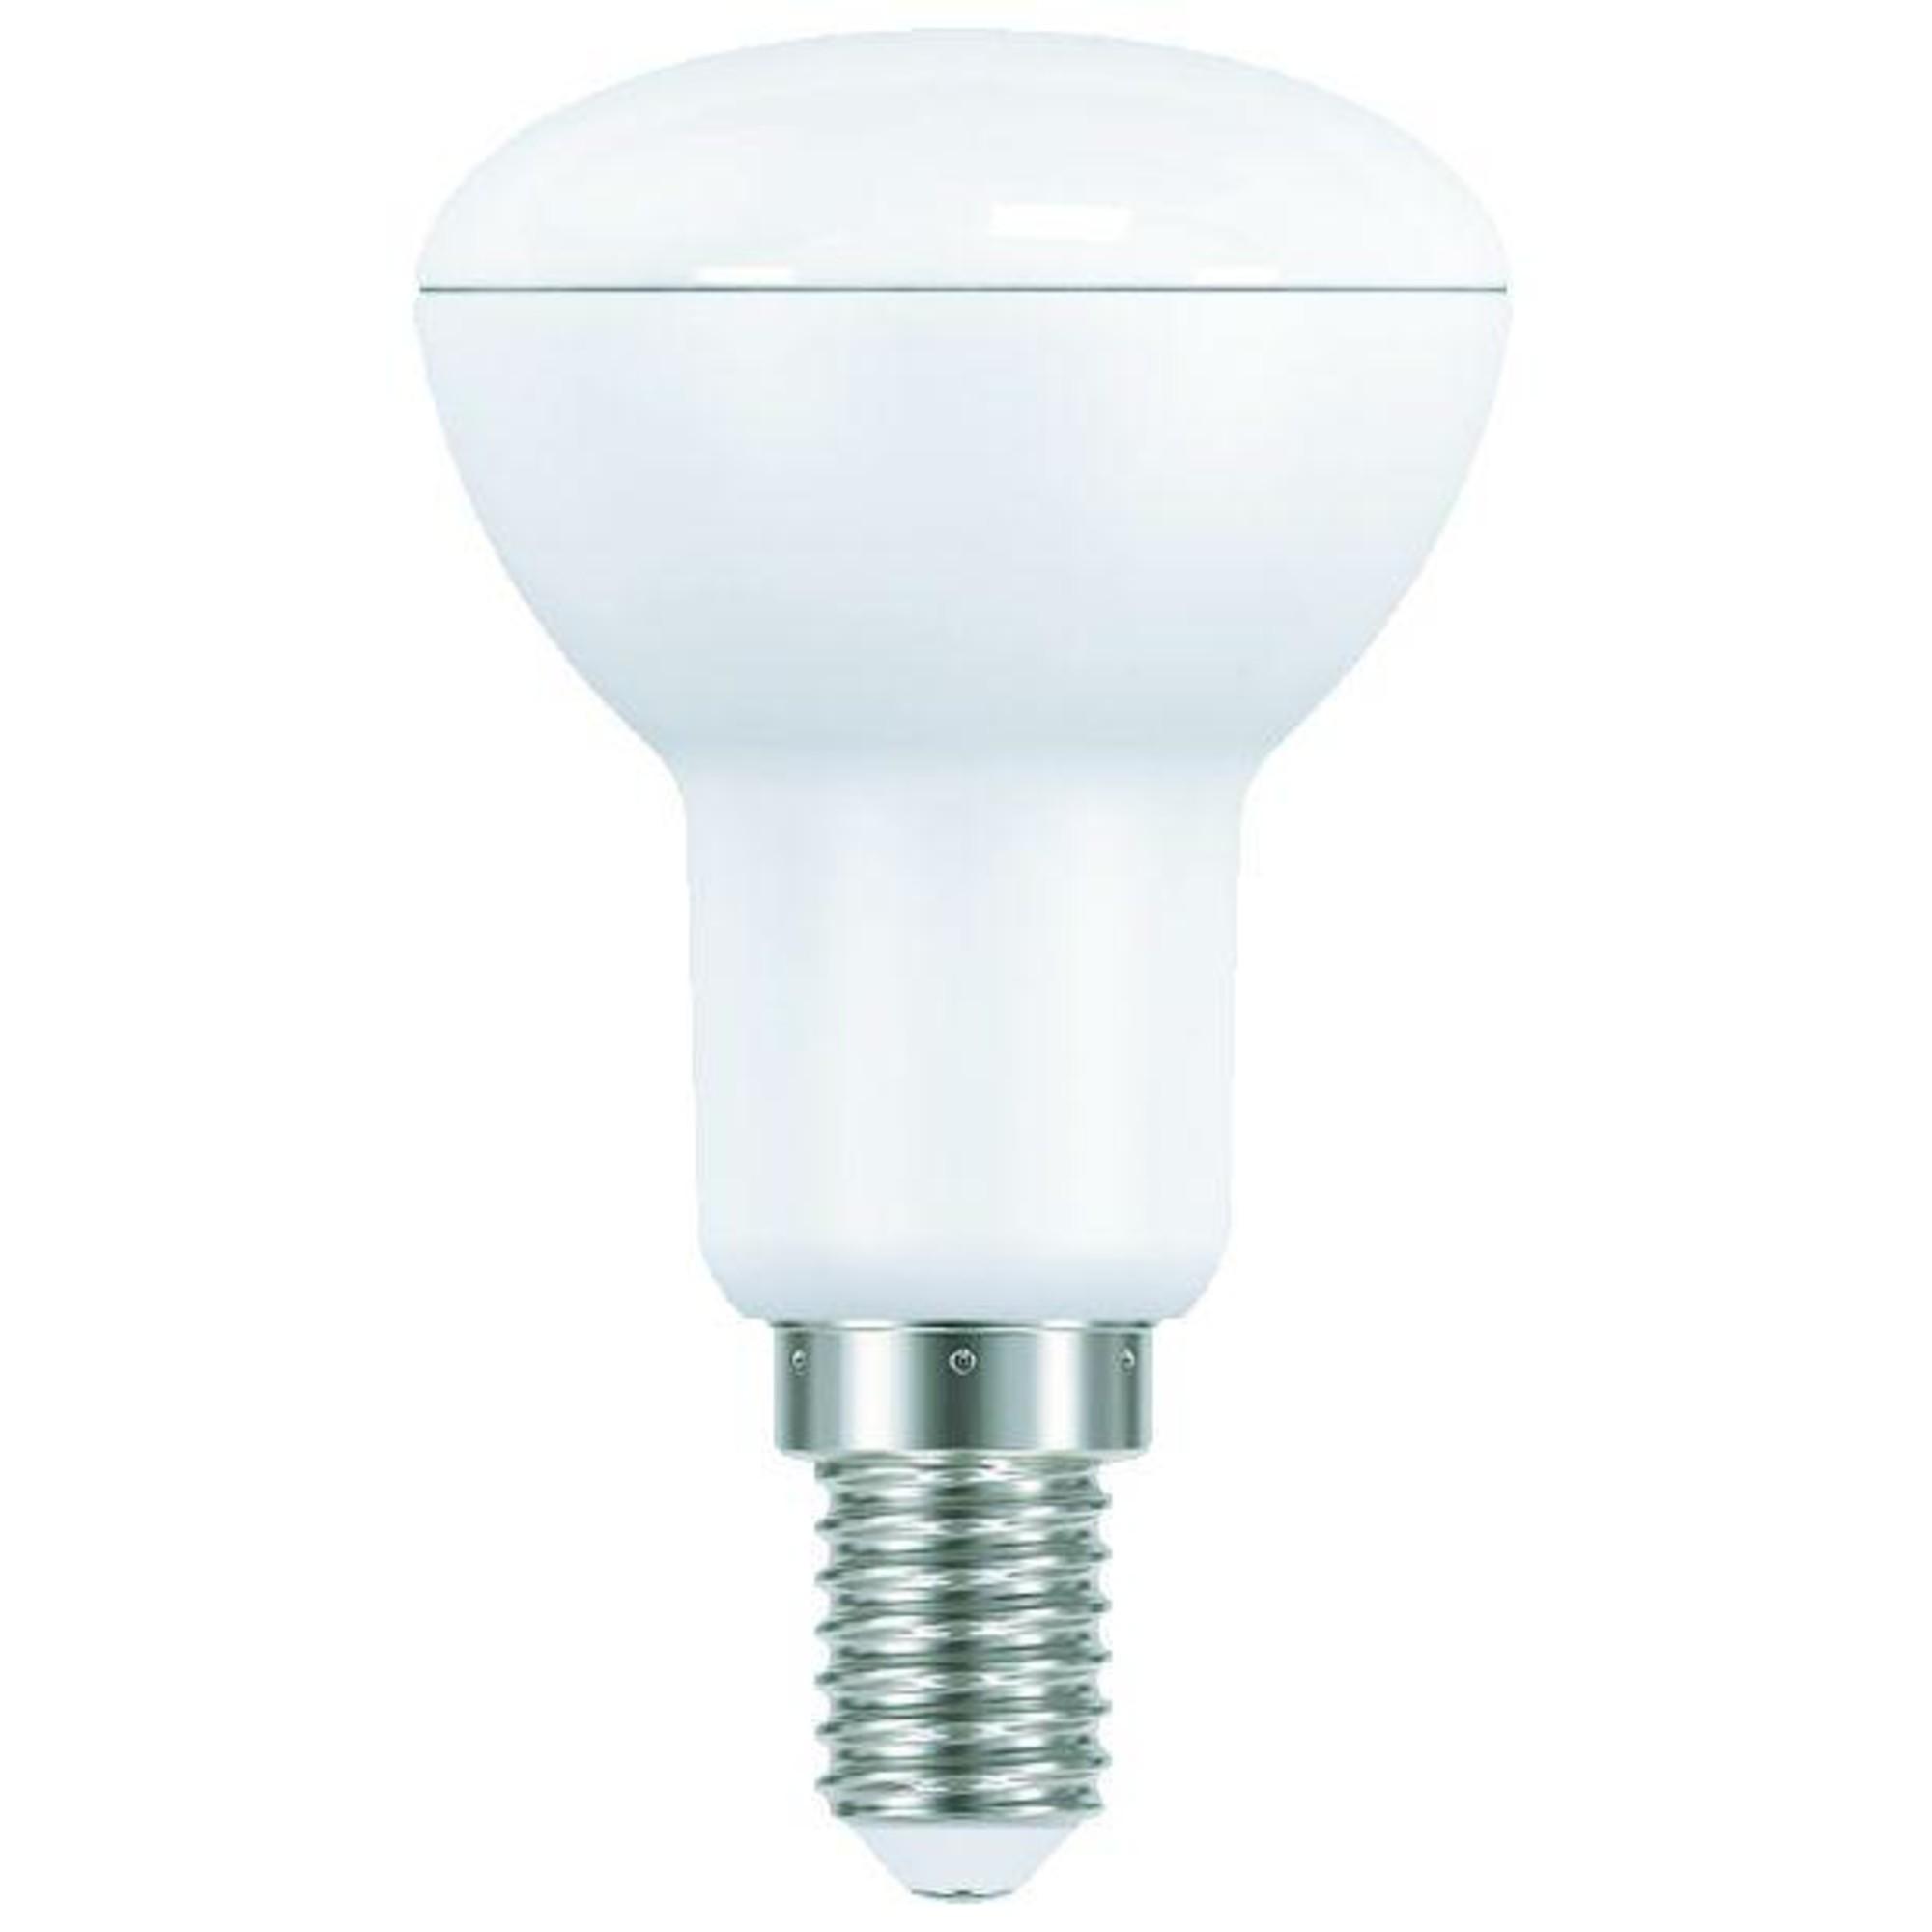 Лампа Ecola Premium светодионая E14 8 Вт рефлекторная Лм теплый свет